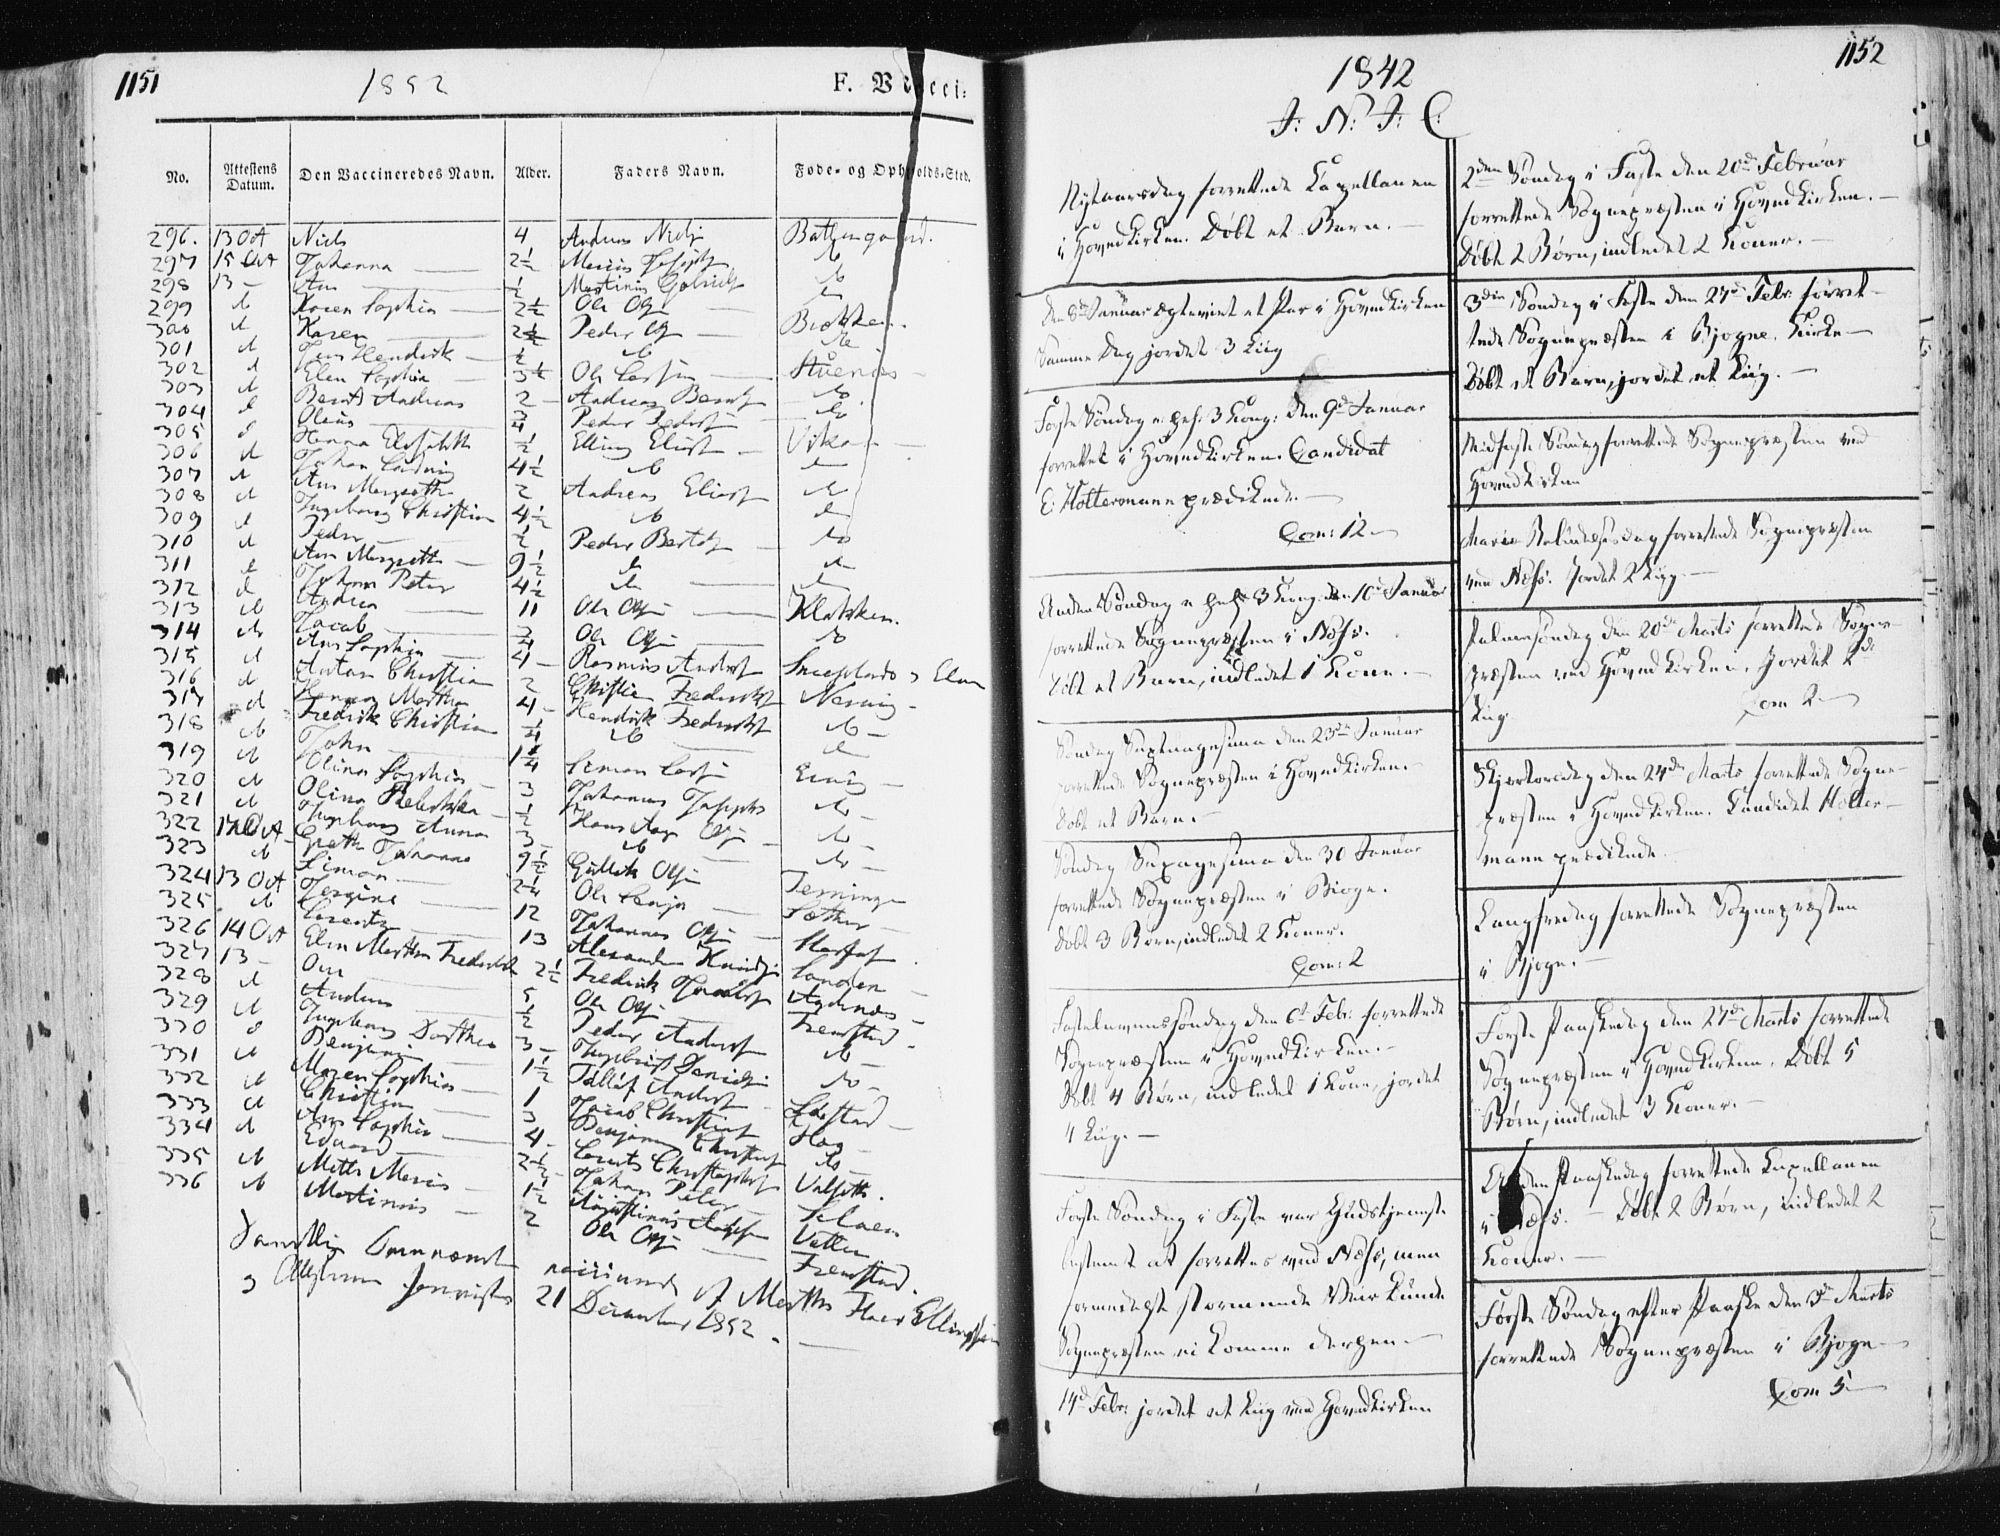 SAT, Ministerialprotokoller, klokkerbøker og fødselsregistre - Sør-Trøndelag, 659/L0736: Ministerialbok nr. 659A06, 1842-1856, s. 1151-1152